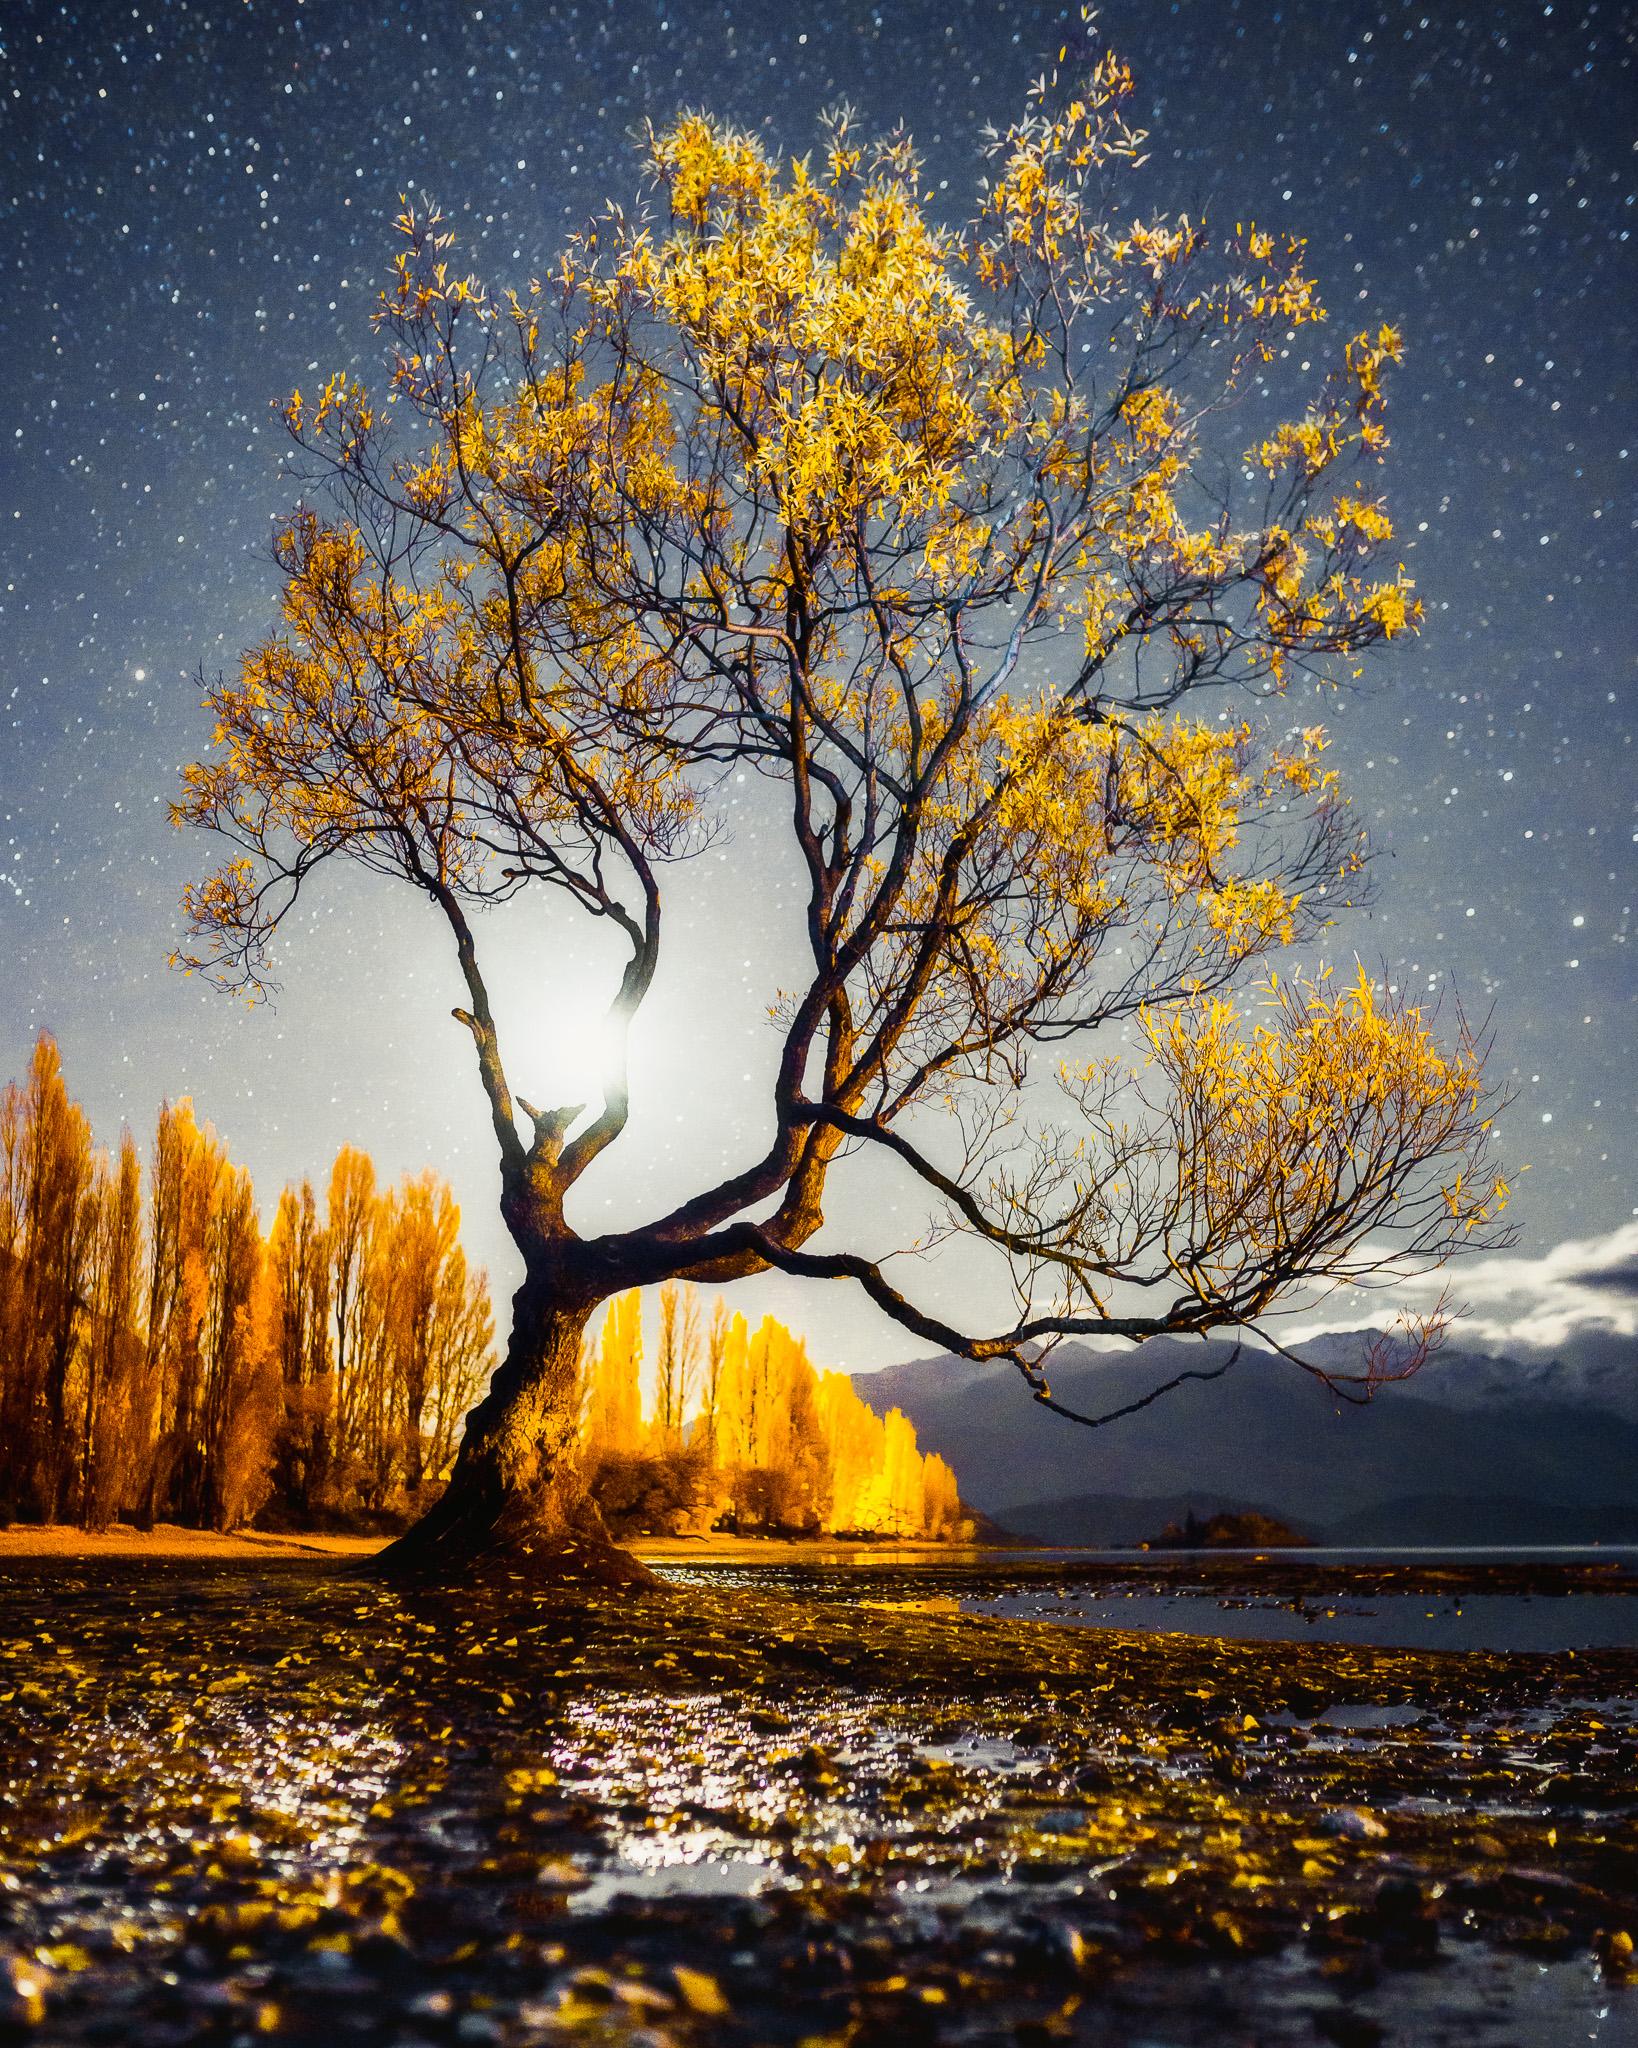 WANAKA TREE UNDER MOON LIGHT